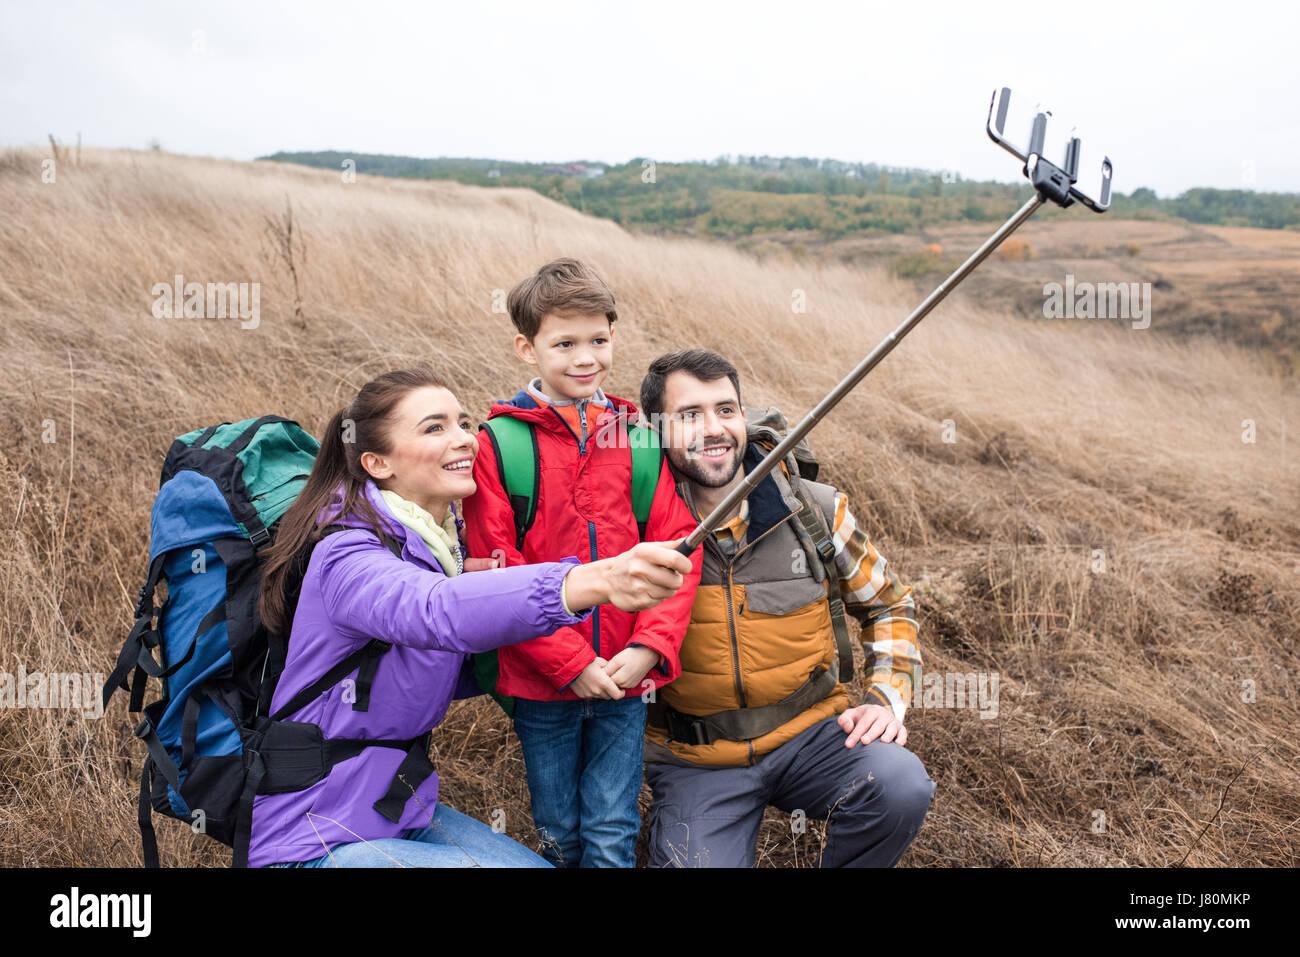 Une famille heureuse avec des sacs dans les hautes herbes sèches en zone rurale en selfies Photo Stock